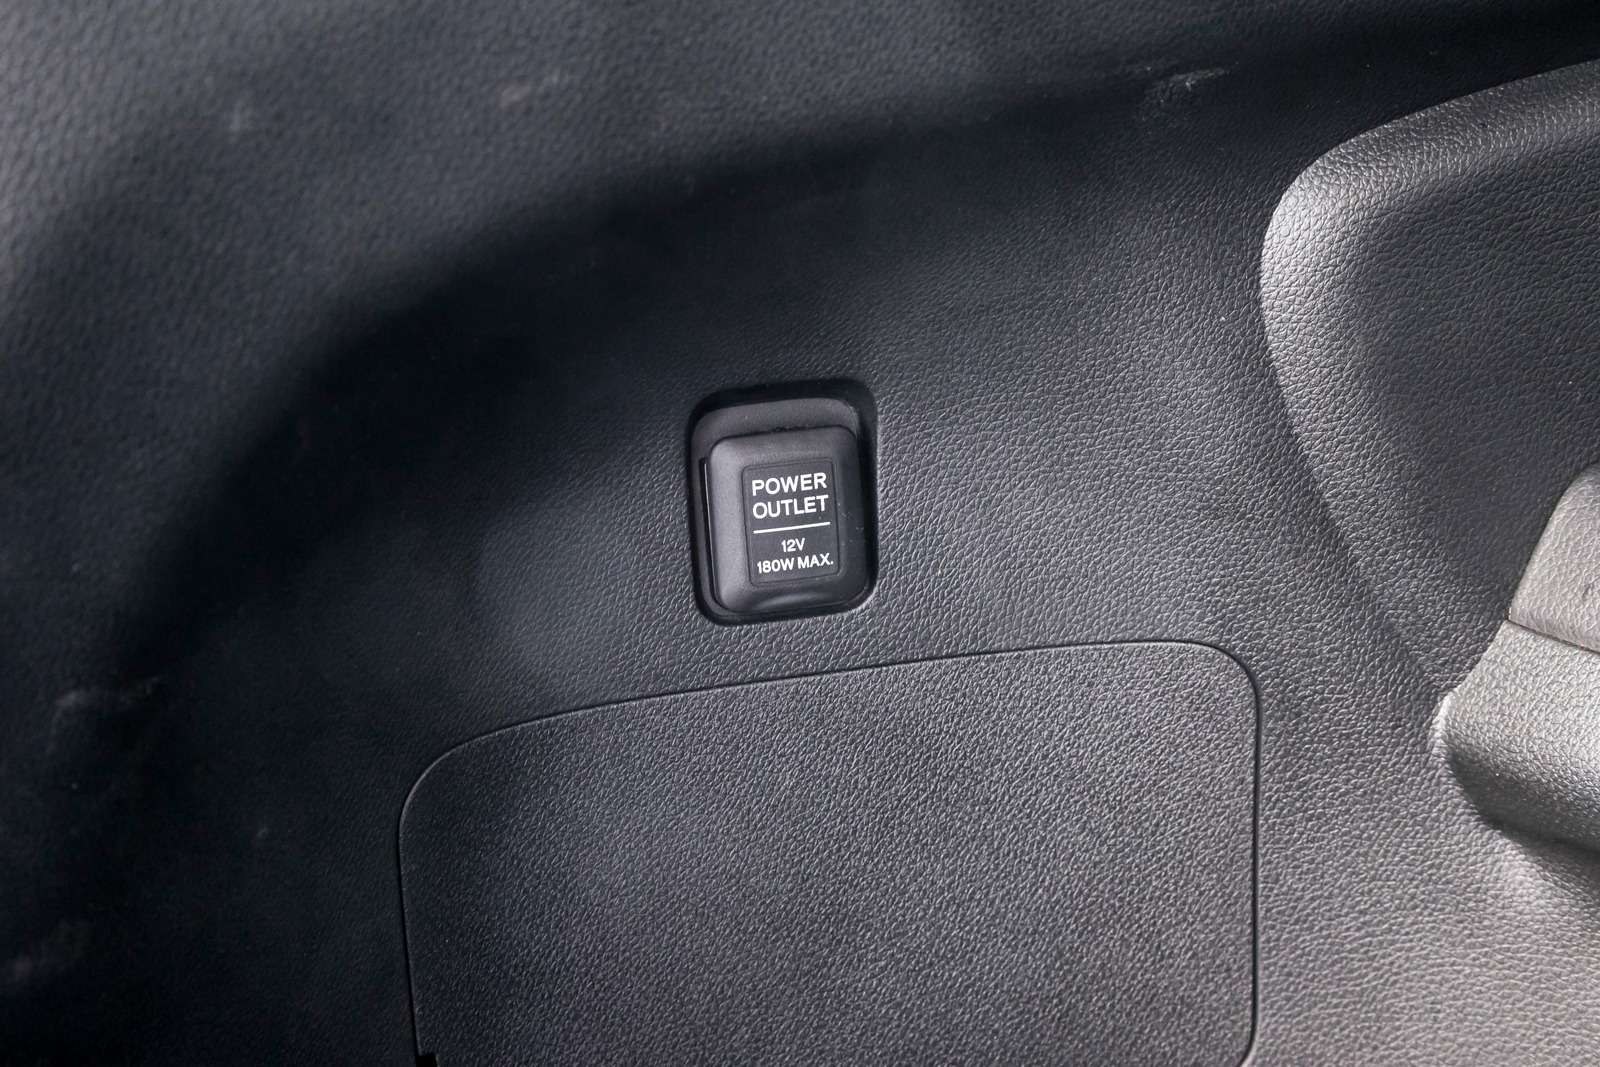 Тест полноразмерных кроссоверов: Honda Pilot, Kia Sorento Prime иFord Explorer— фото 614985